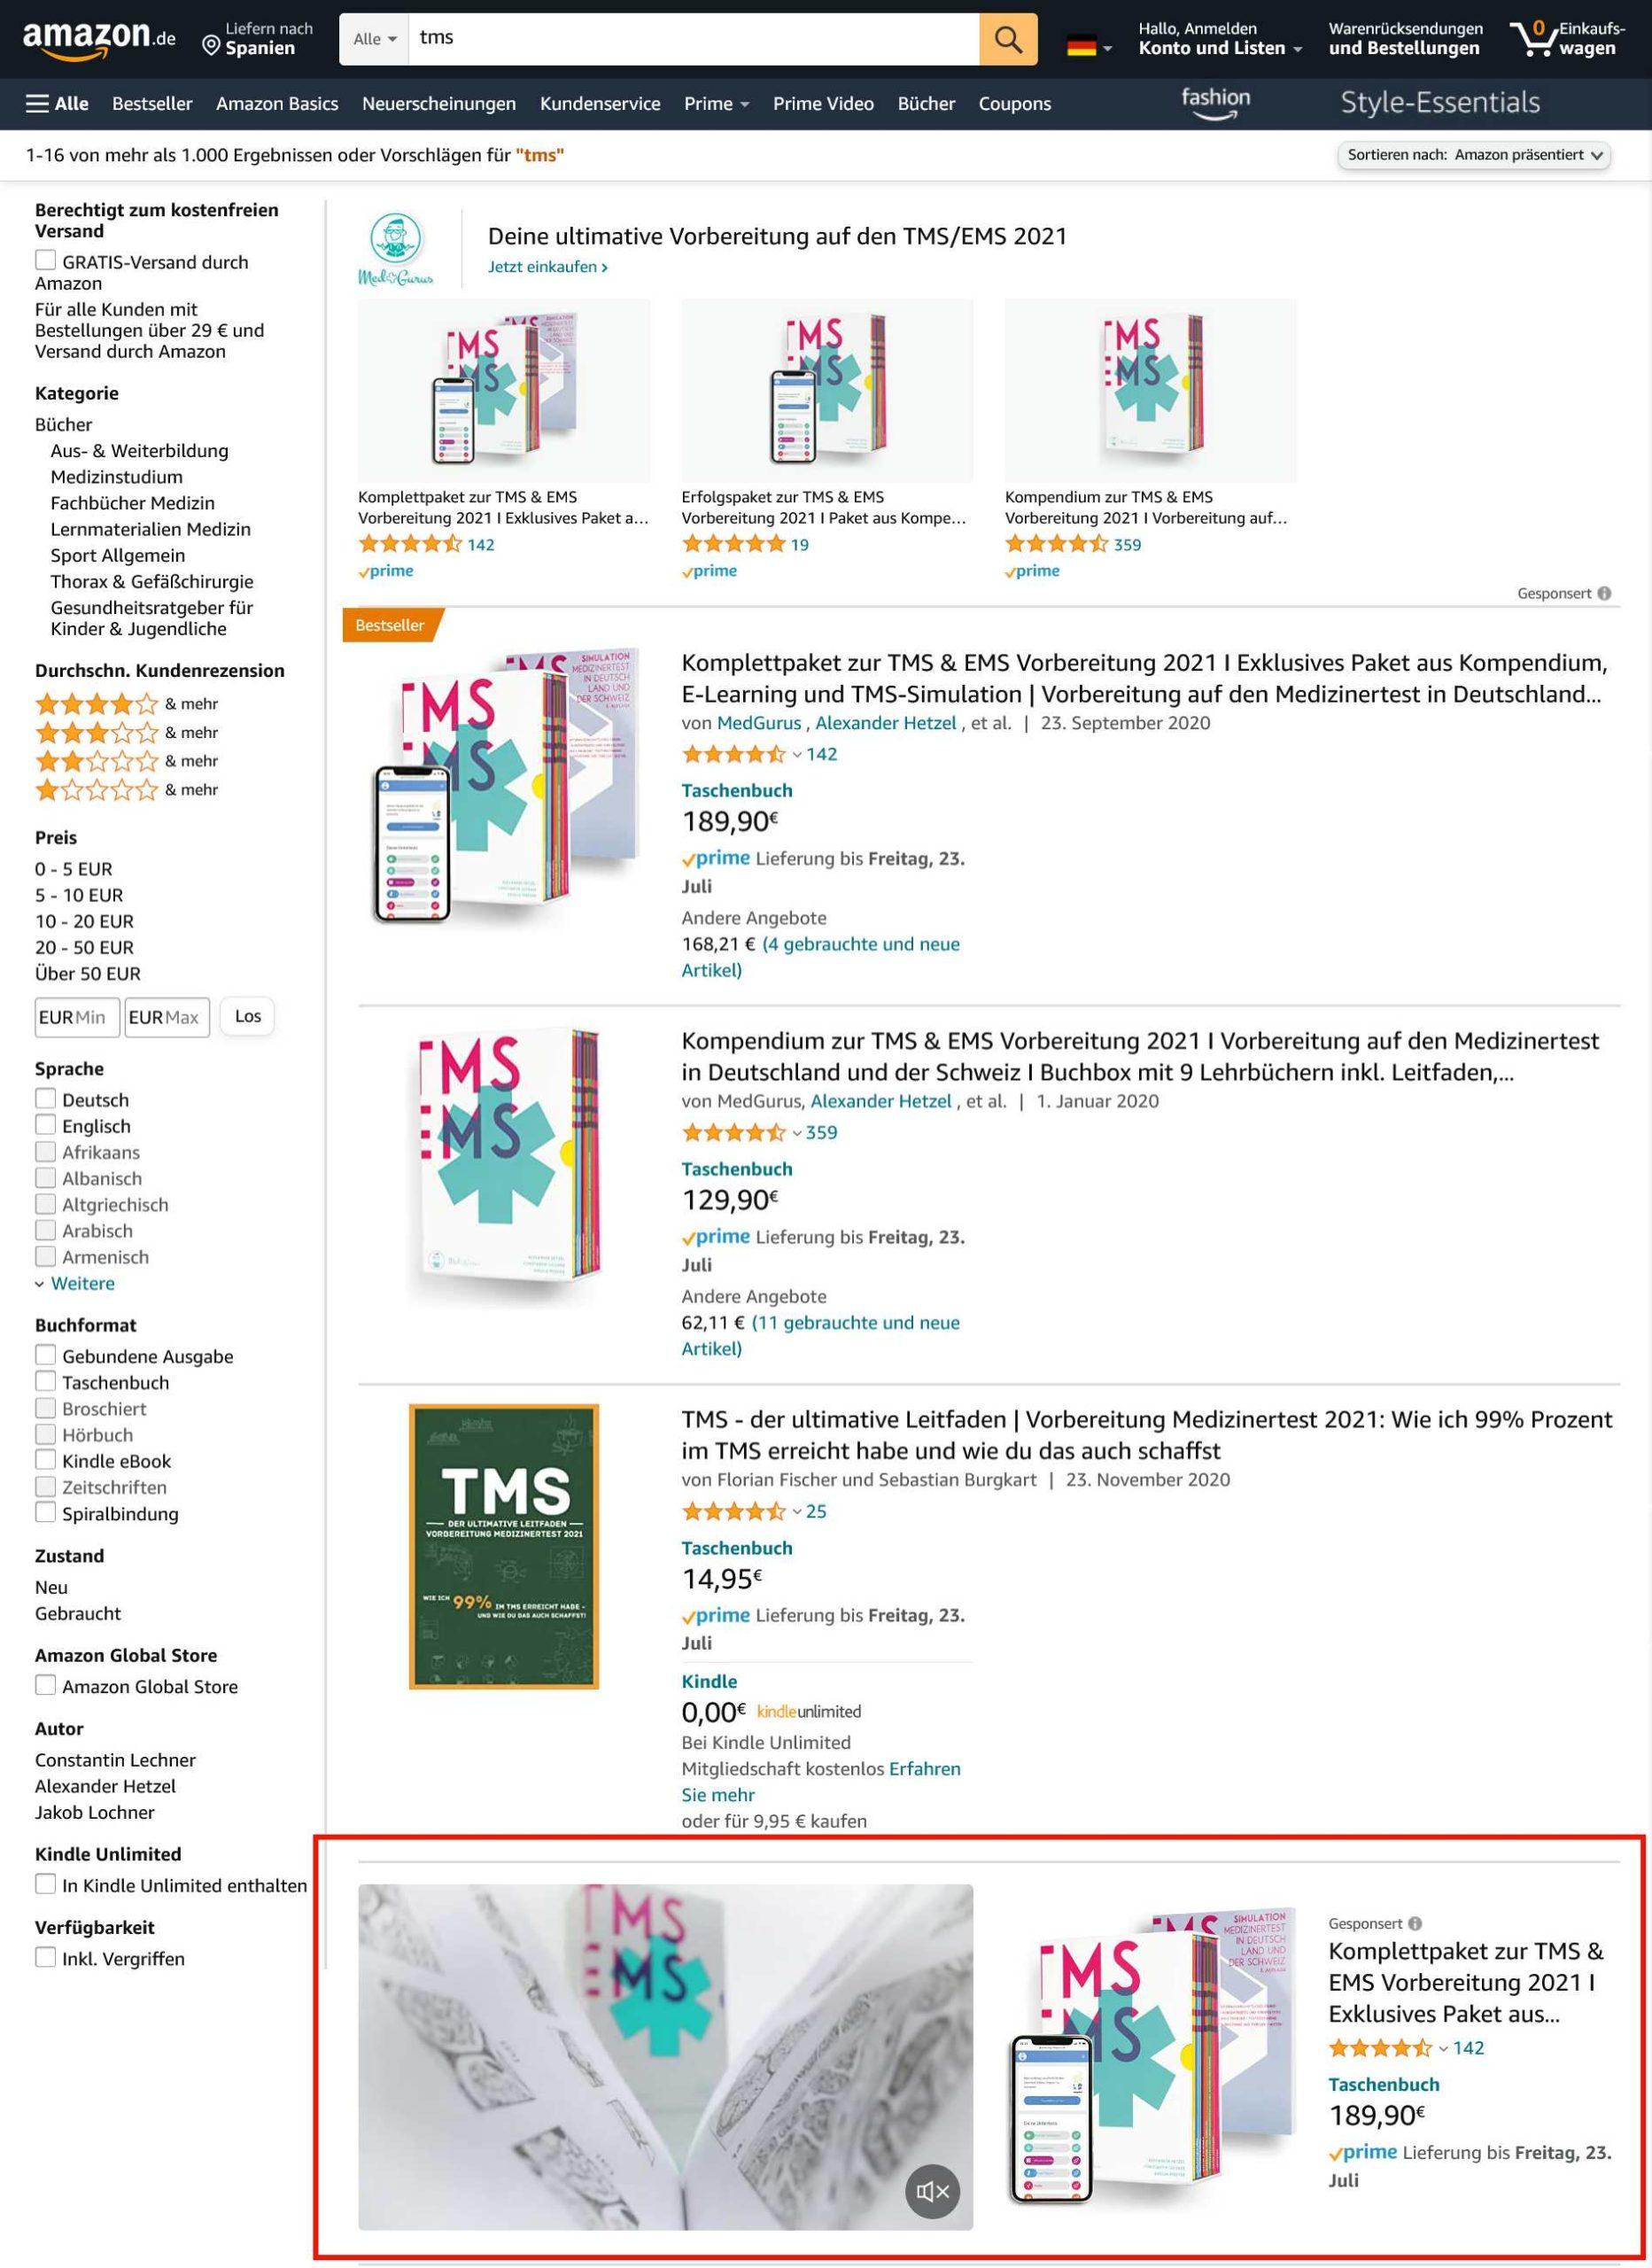 Buchwerbung mit Amazon Sponsored Brands Video Ads_Suchergebnisse für tms